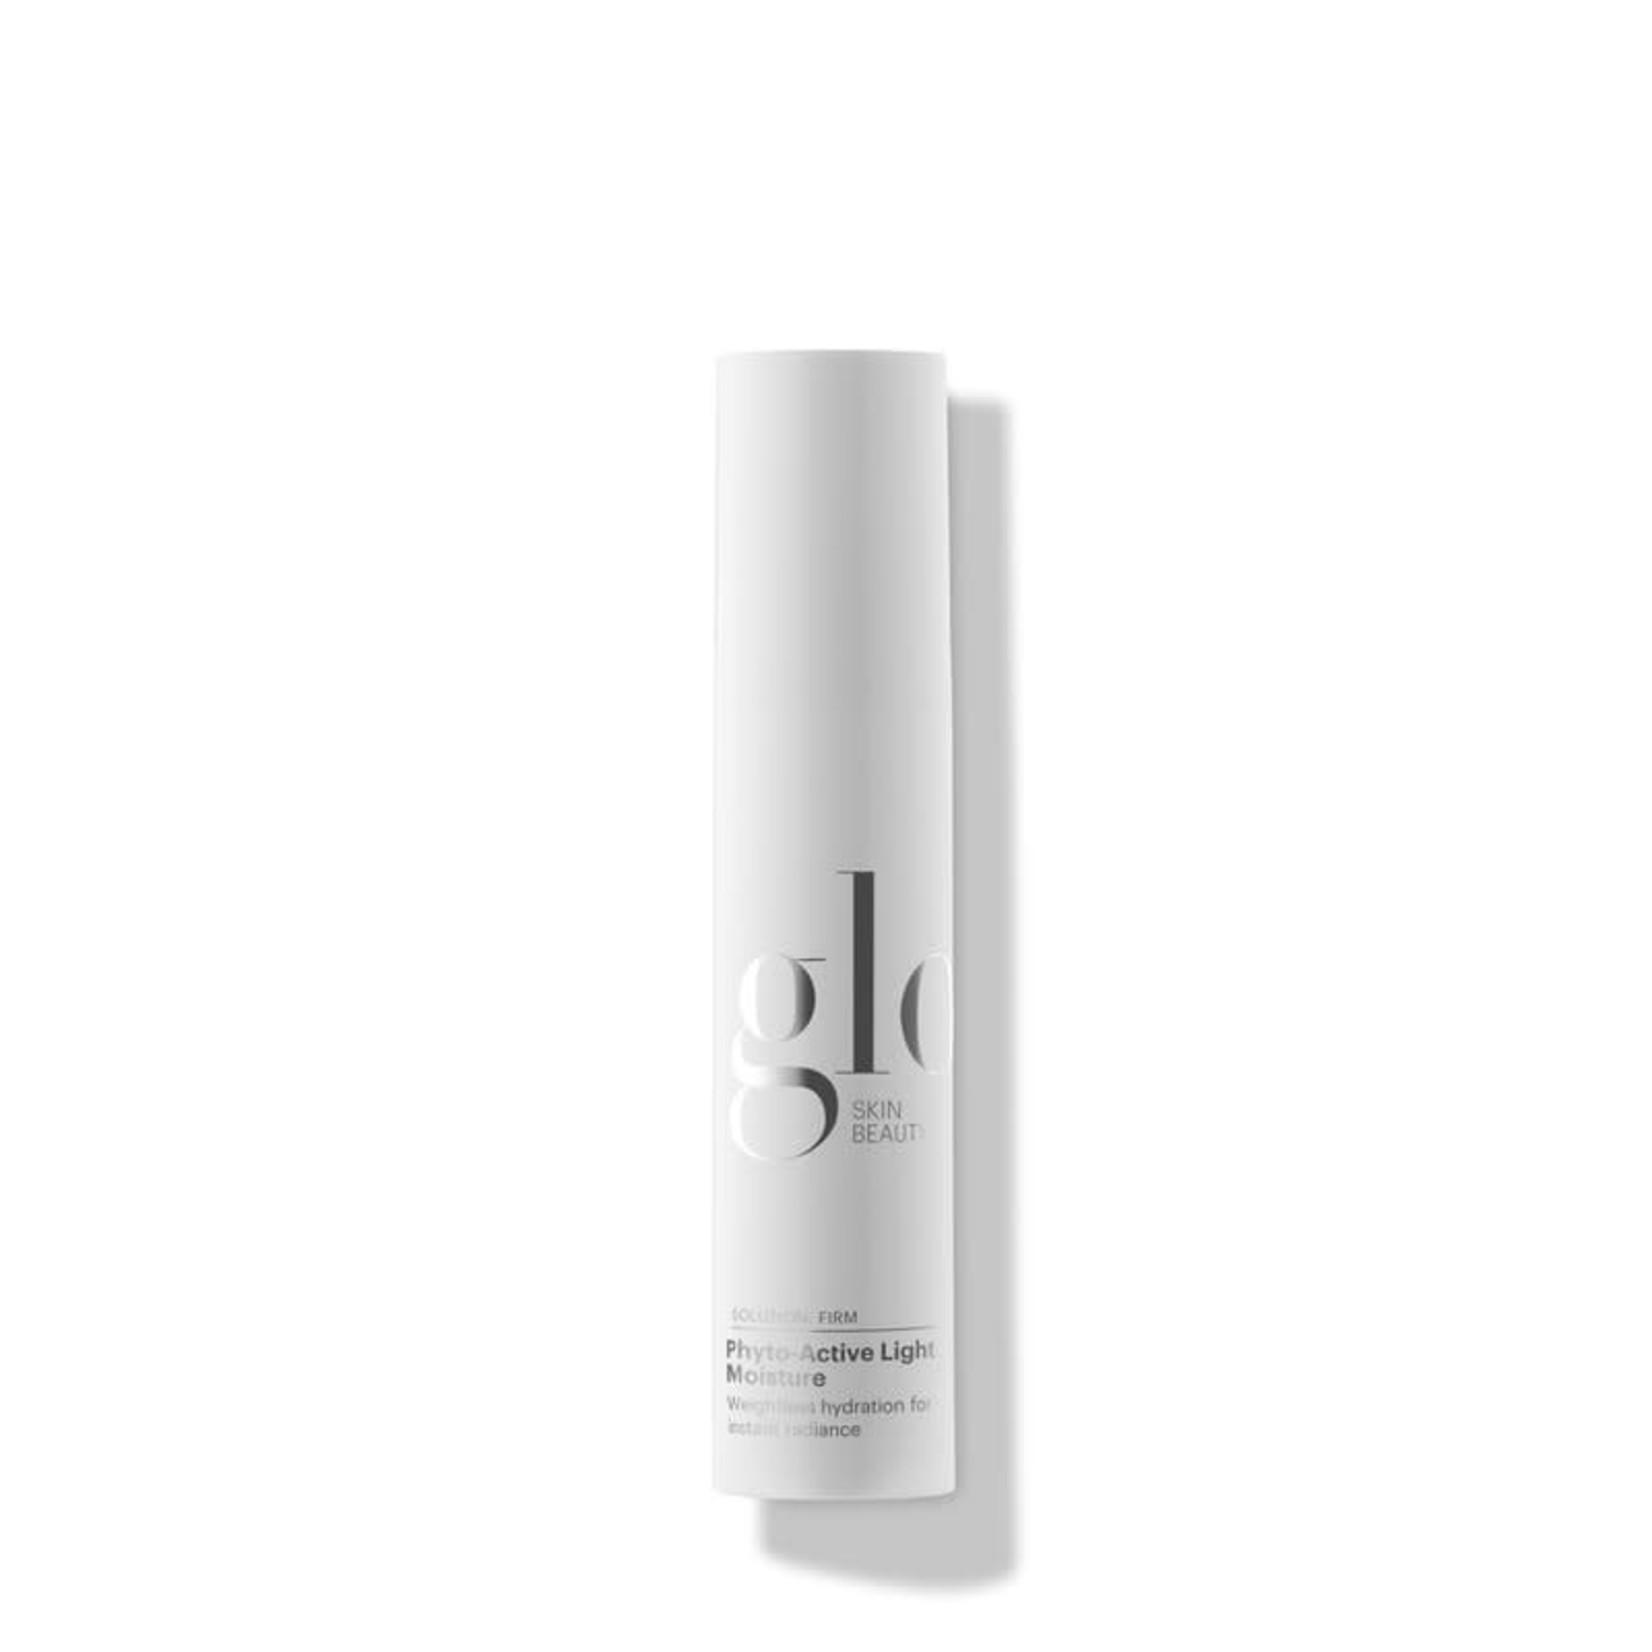 Glo Skin Beauty Phyto-Active Light Moisture